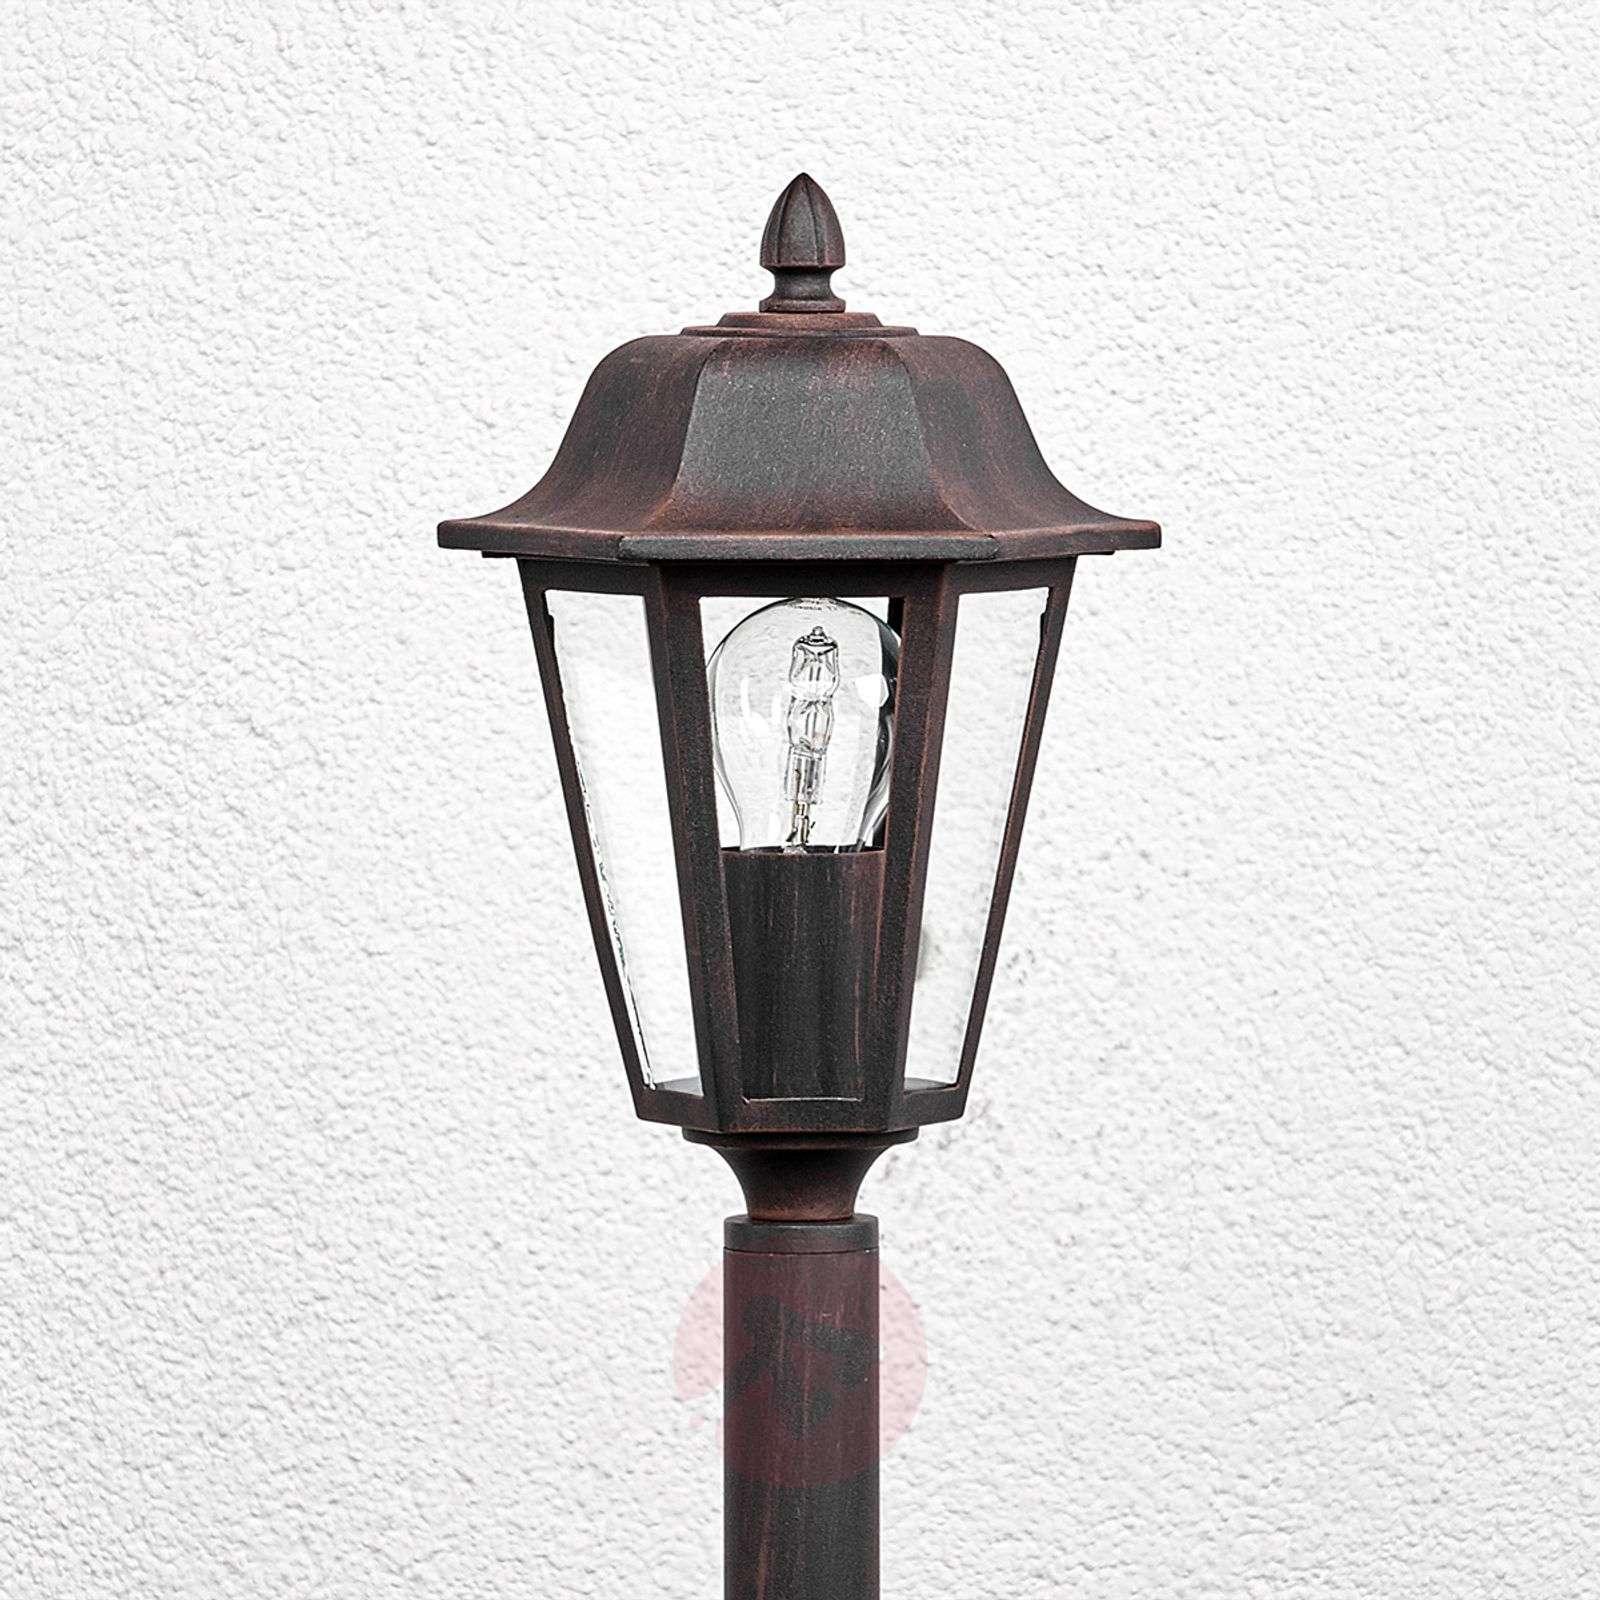 Bollard lamp Lamina in rust finish-9630058-01